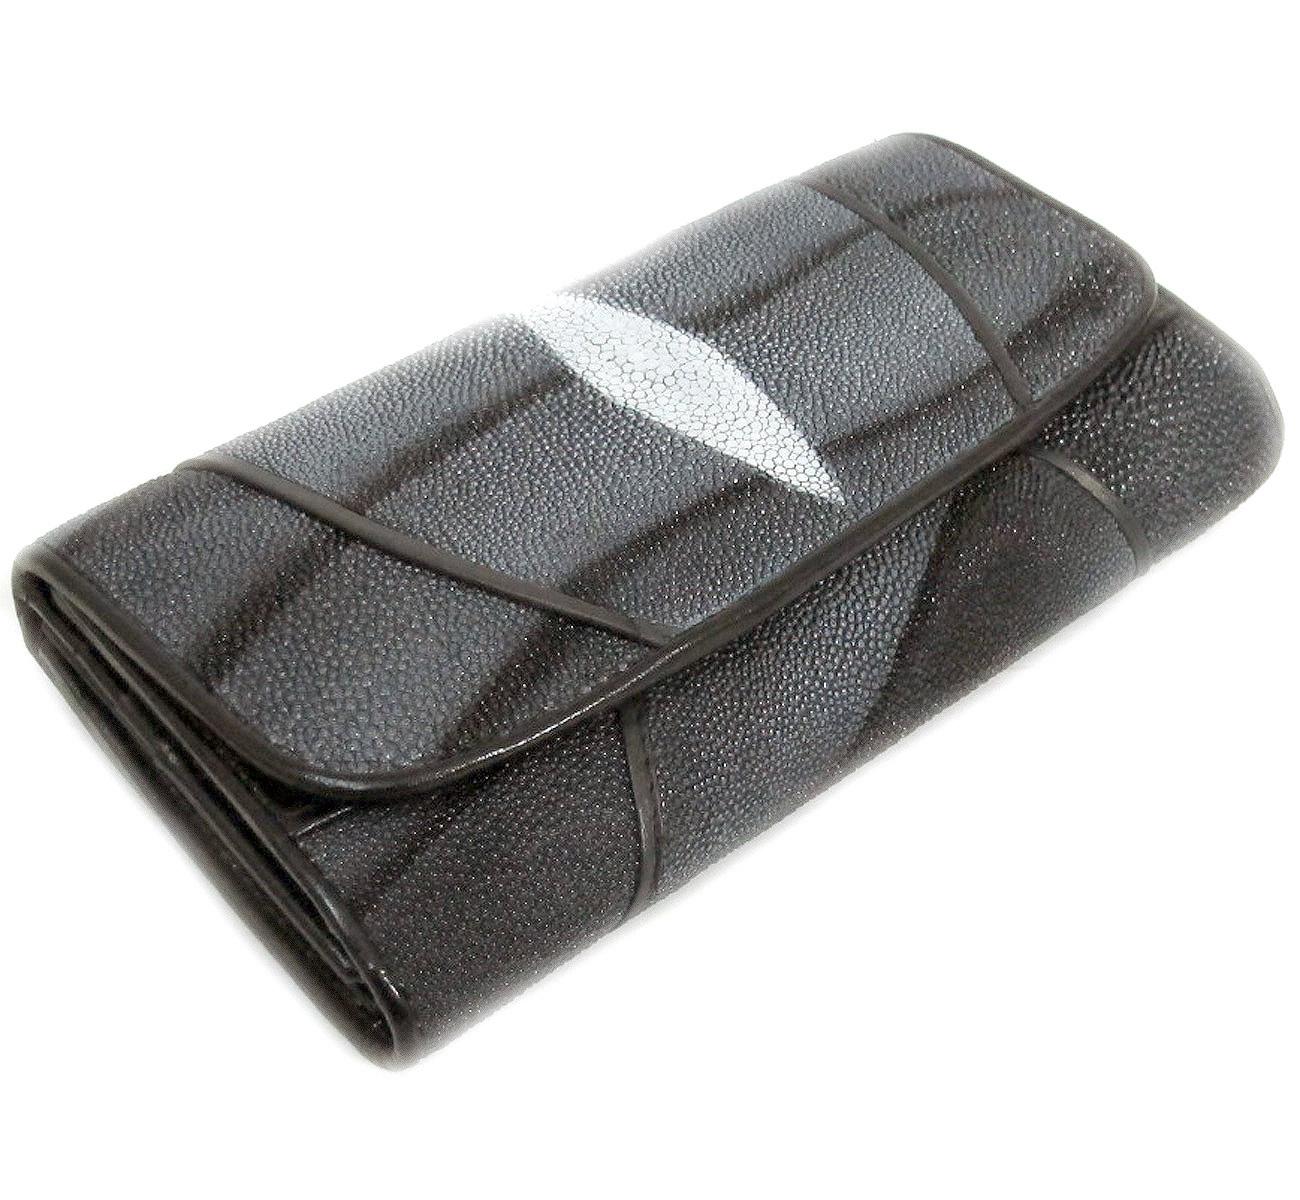 กระเป๋าสตางค์ปลากระเบน + หนังนกกระจอก แบบ 3 พับ เม็ดใหญ่ สวยงาม น่าสะดุดตาเป็นอย่างมาก